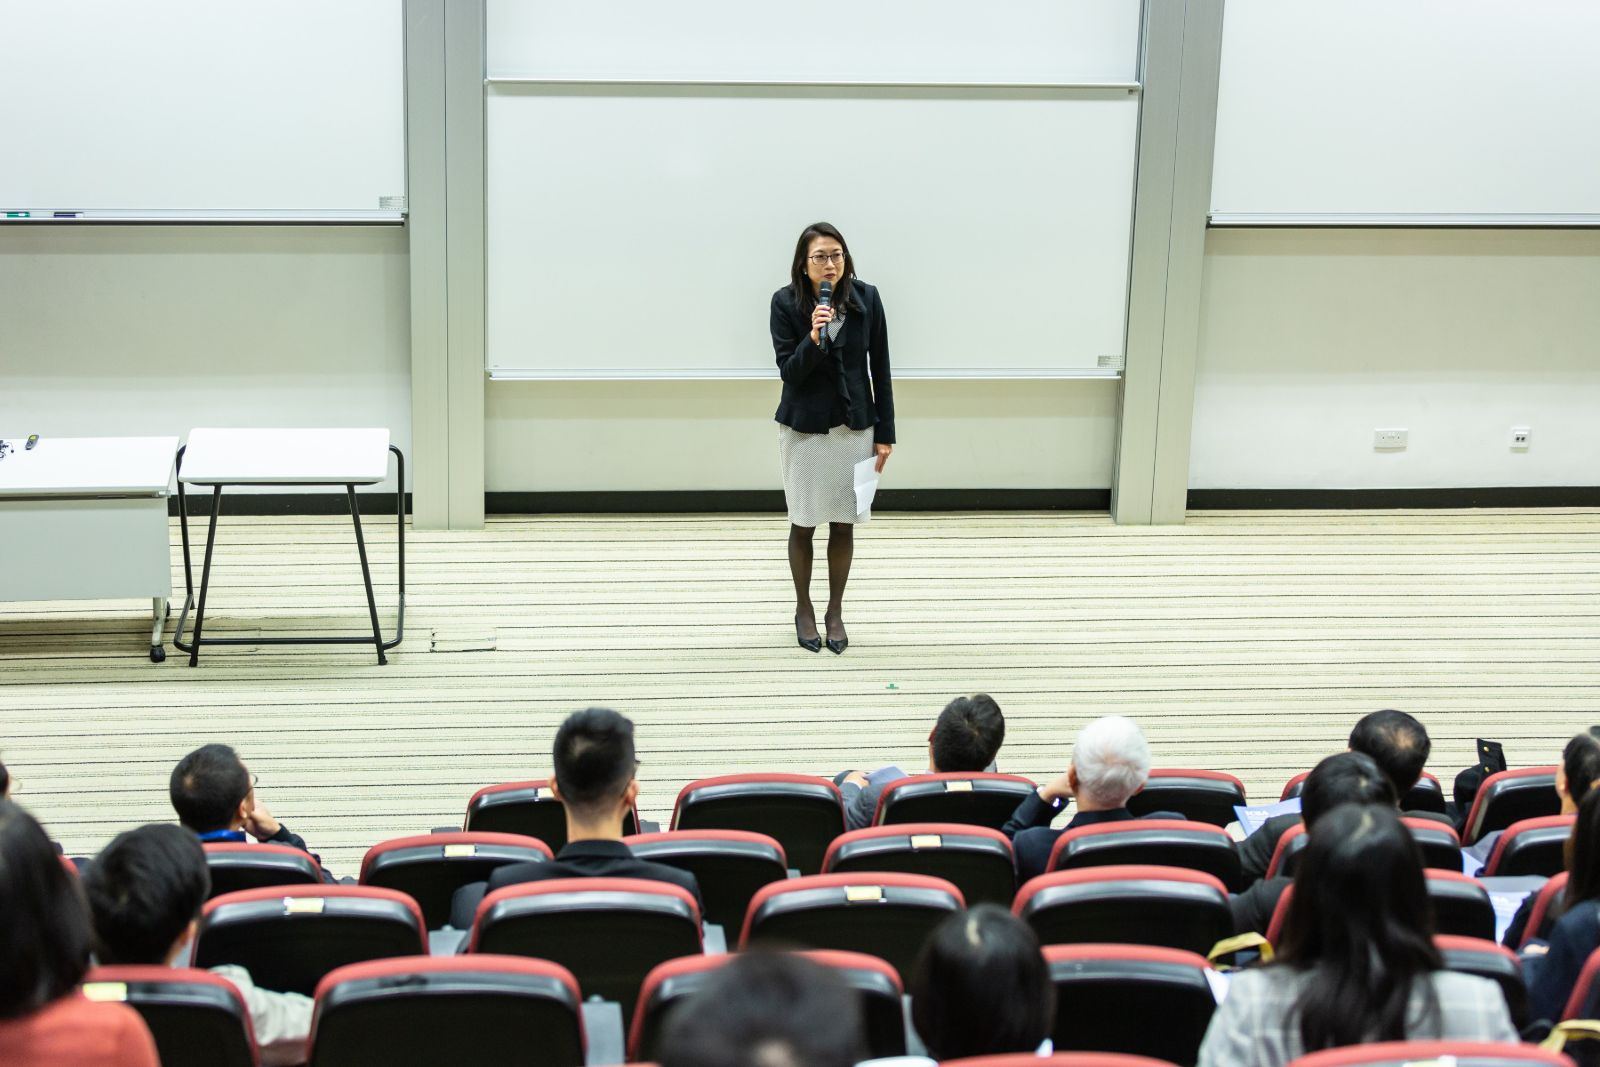 body language in public speaking